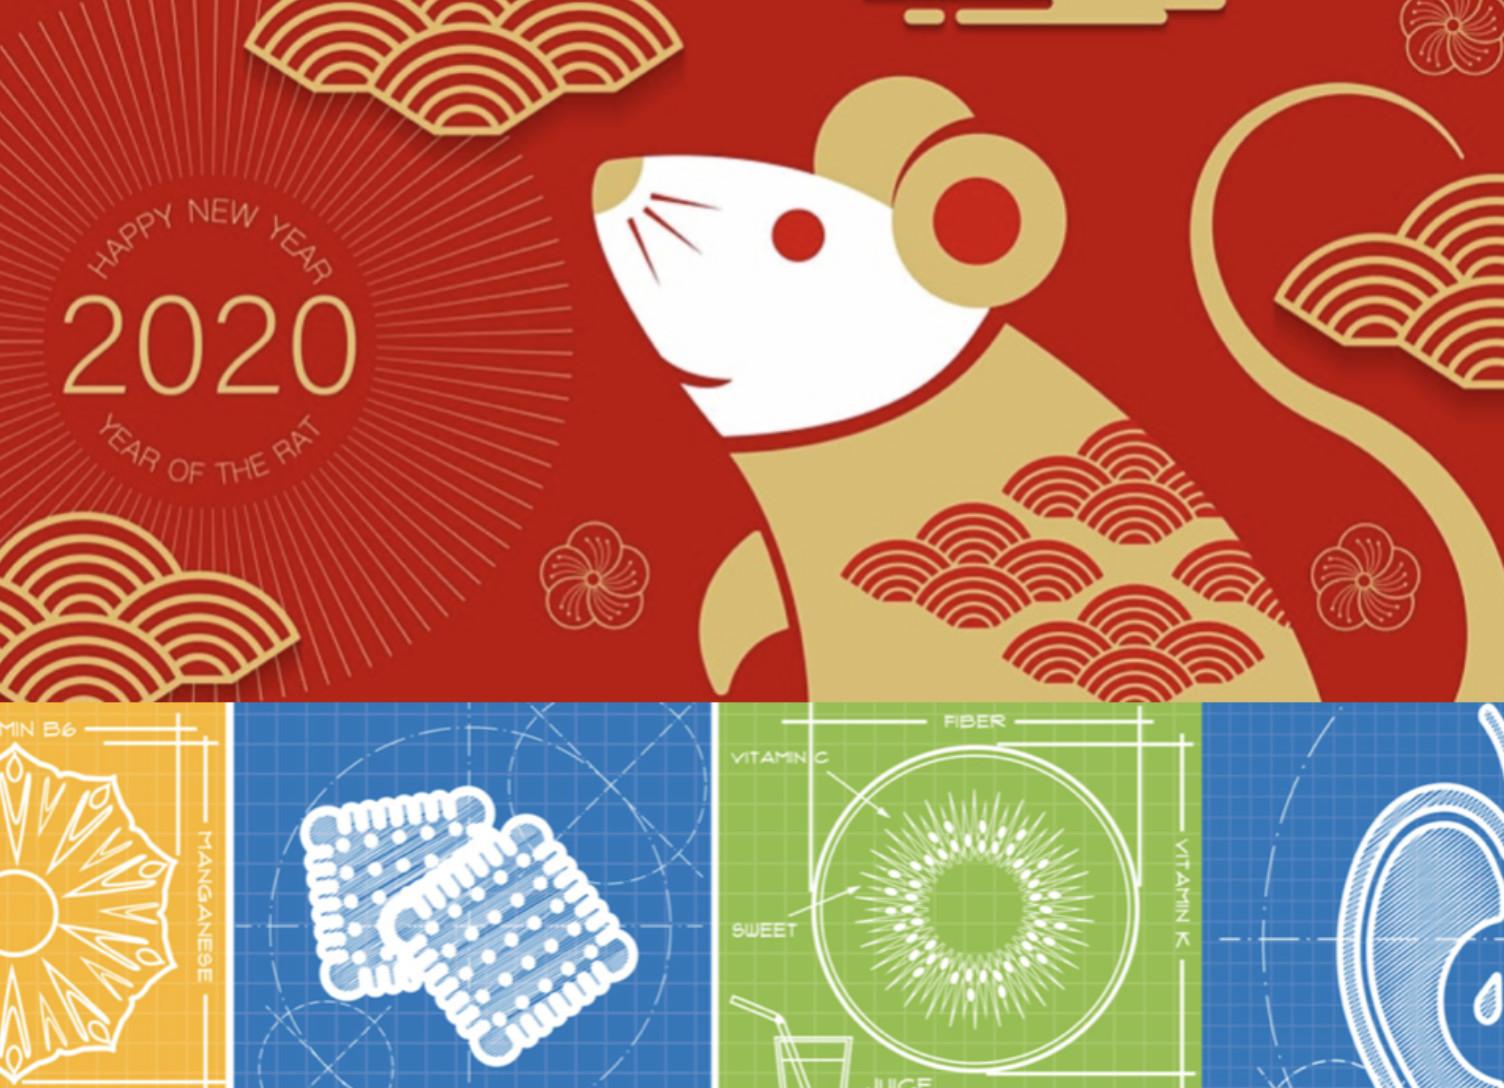 人造肉,智能农业...2020鼠年哪些食物科技最有发展潜力?